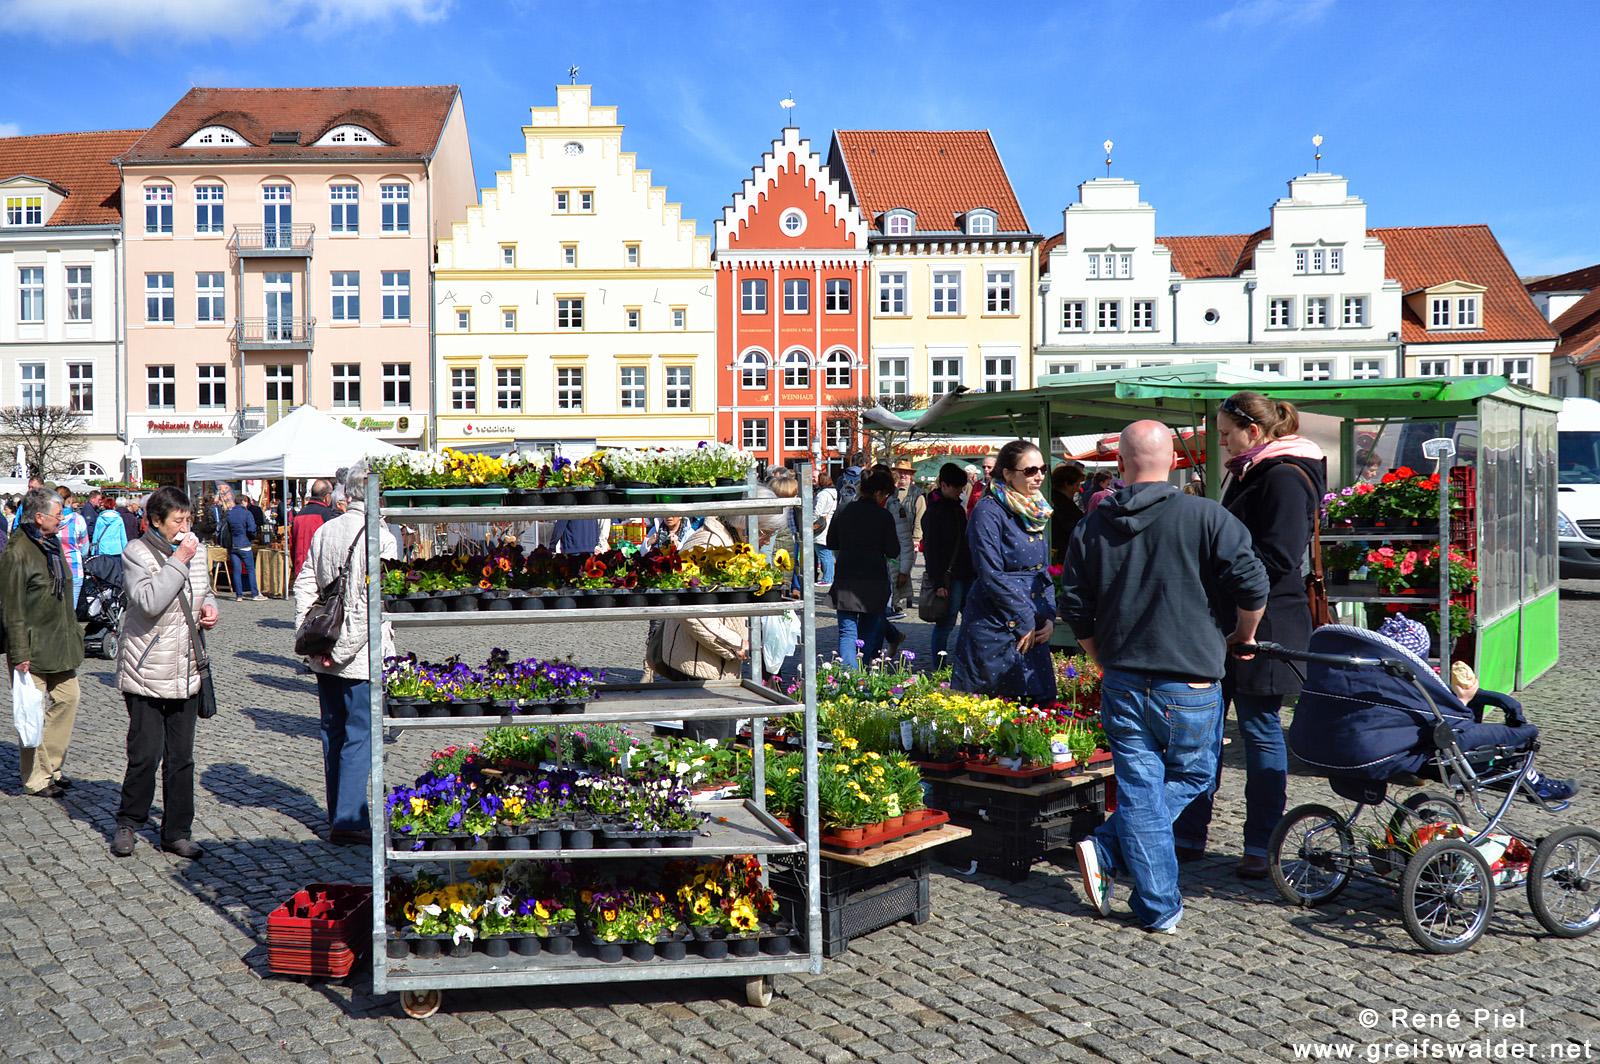 Gartenmarkt in Greifswald